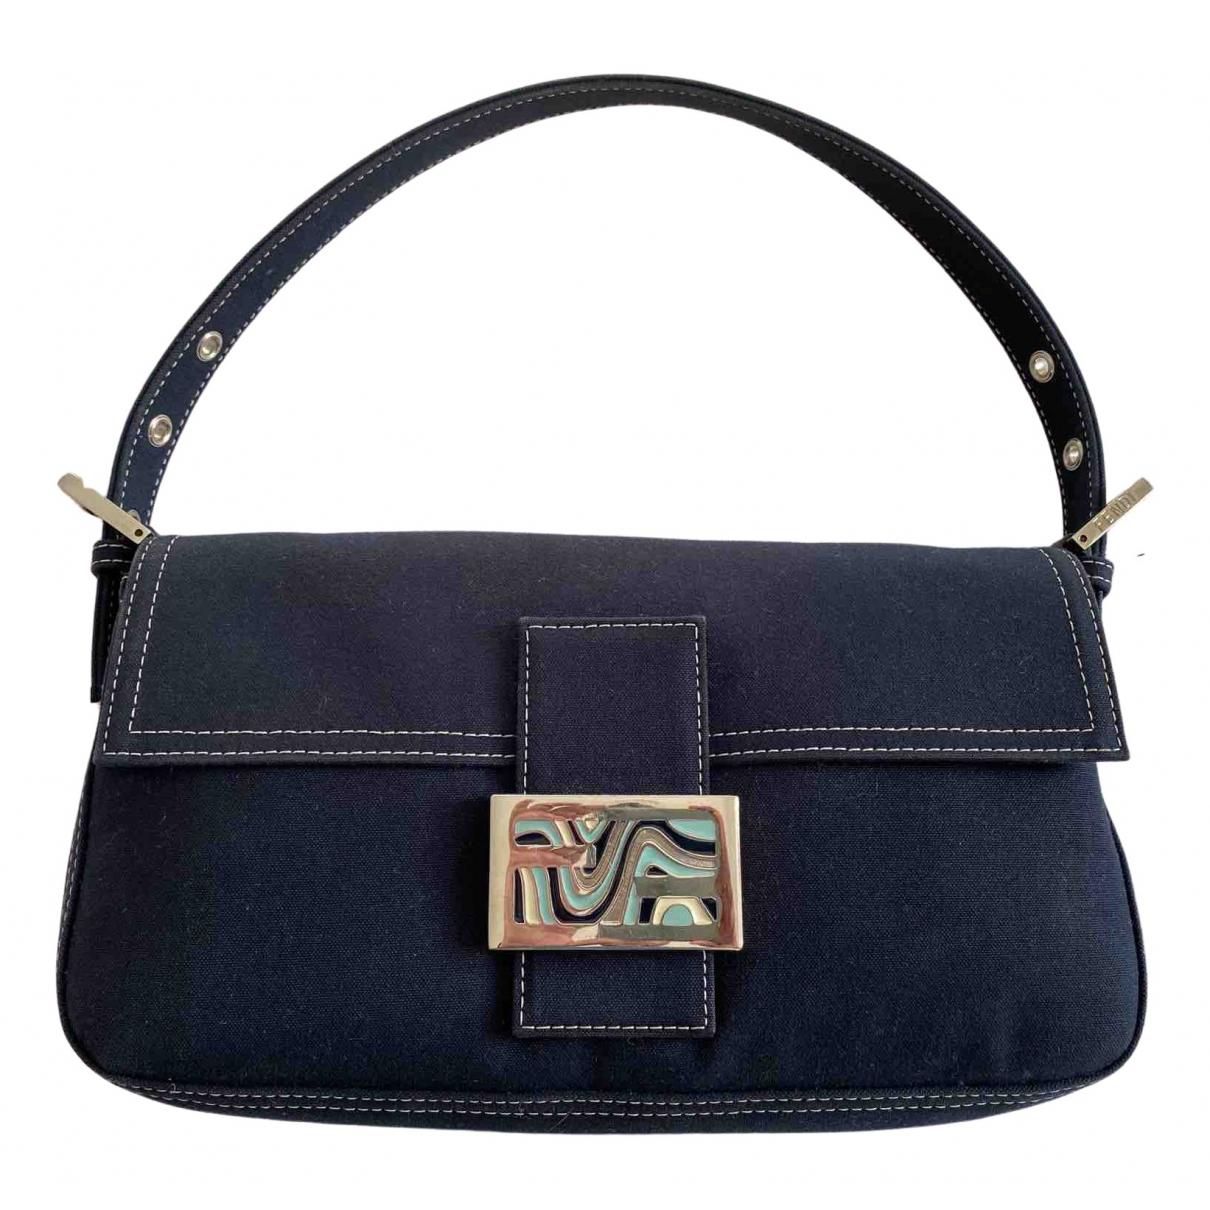 Fendi Baguette Navy Cloth handbag for Women \N